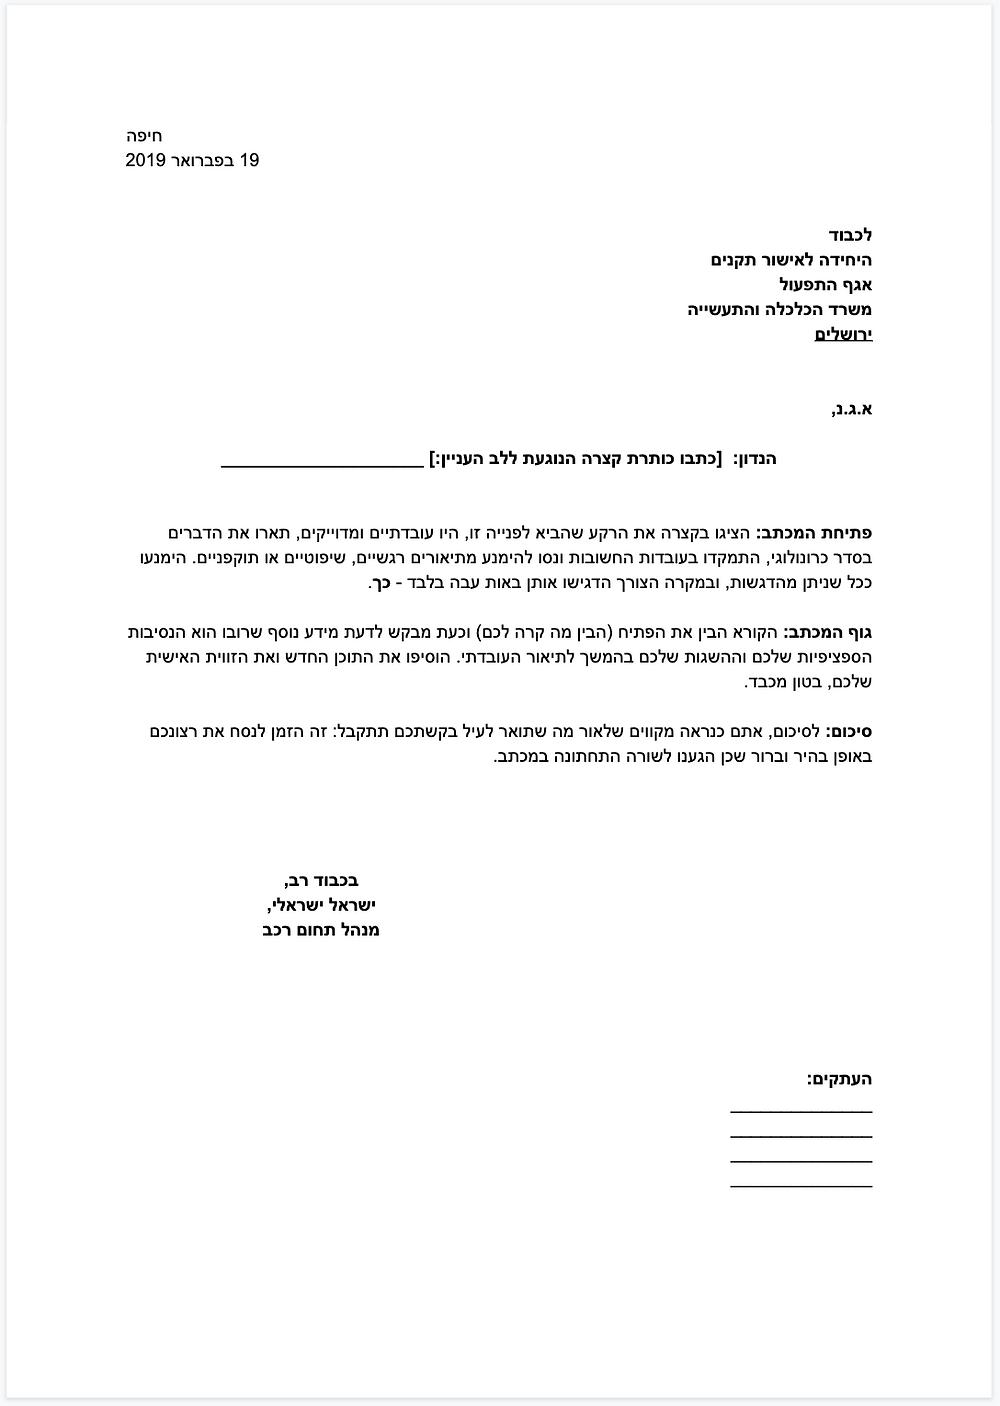 מכתב רשמי לדוגמא